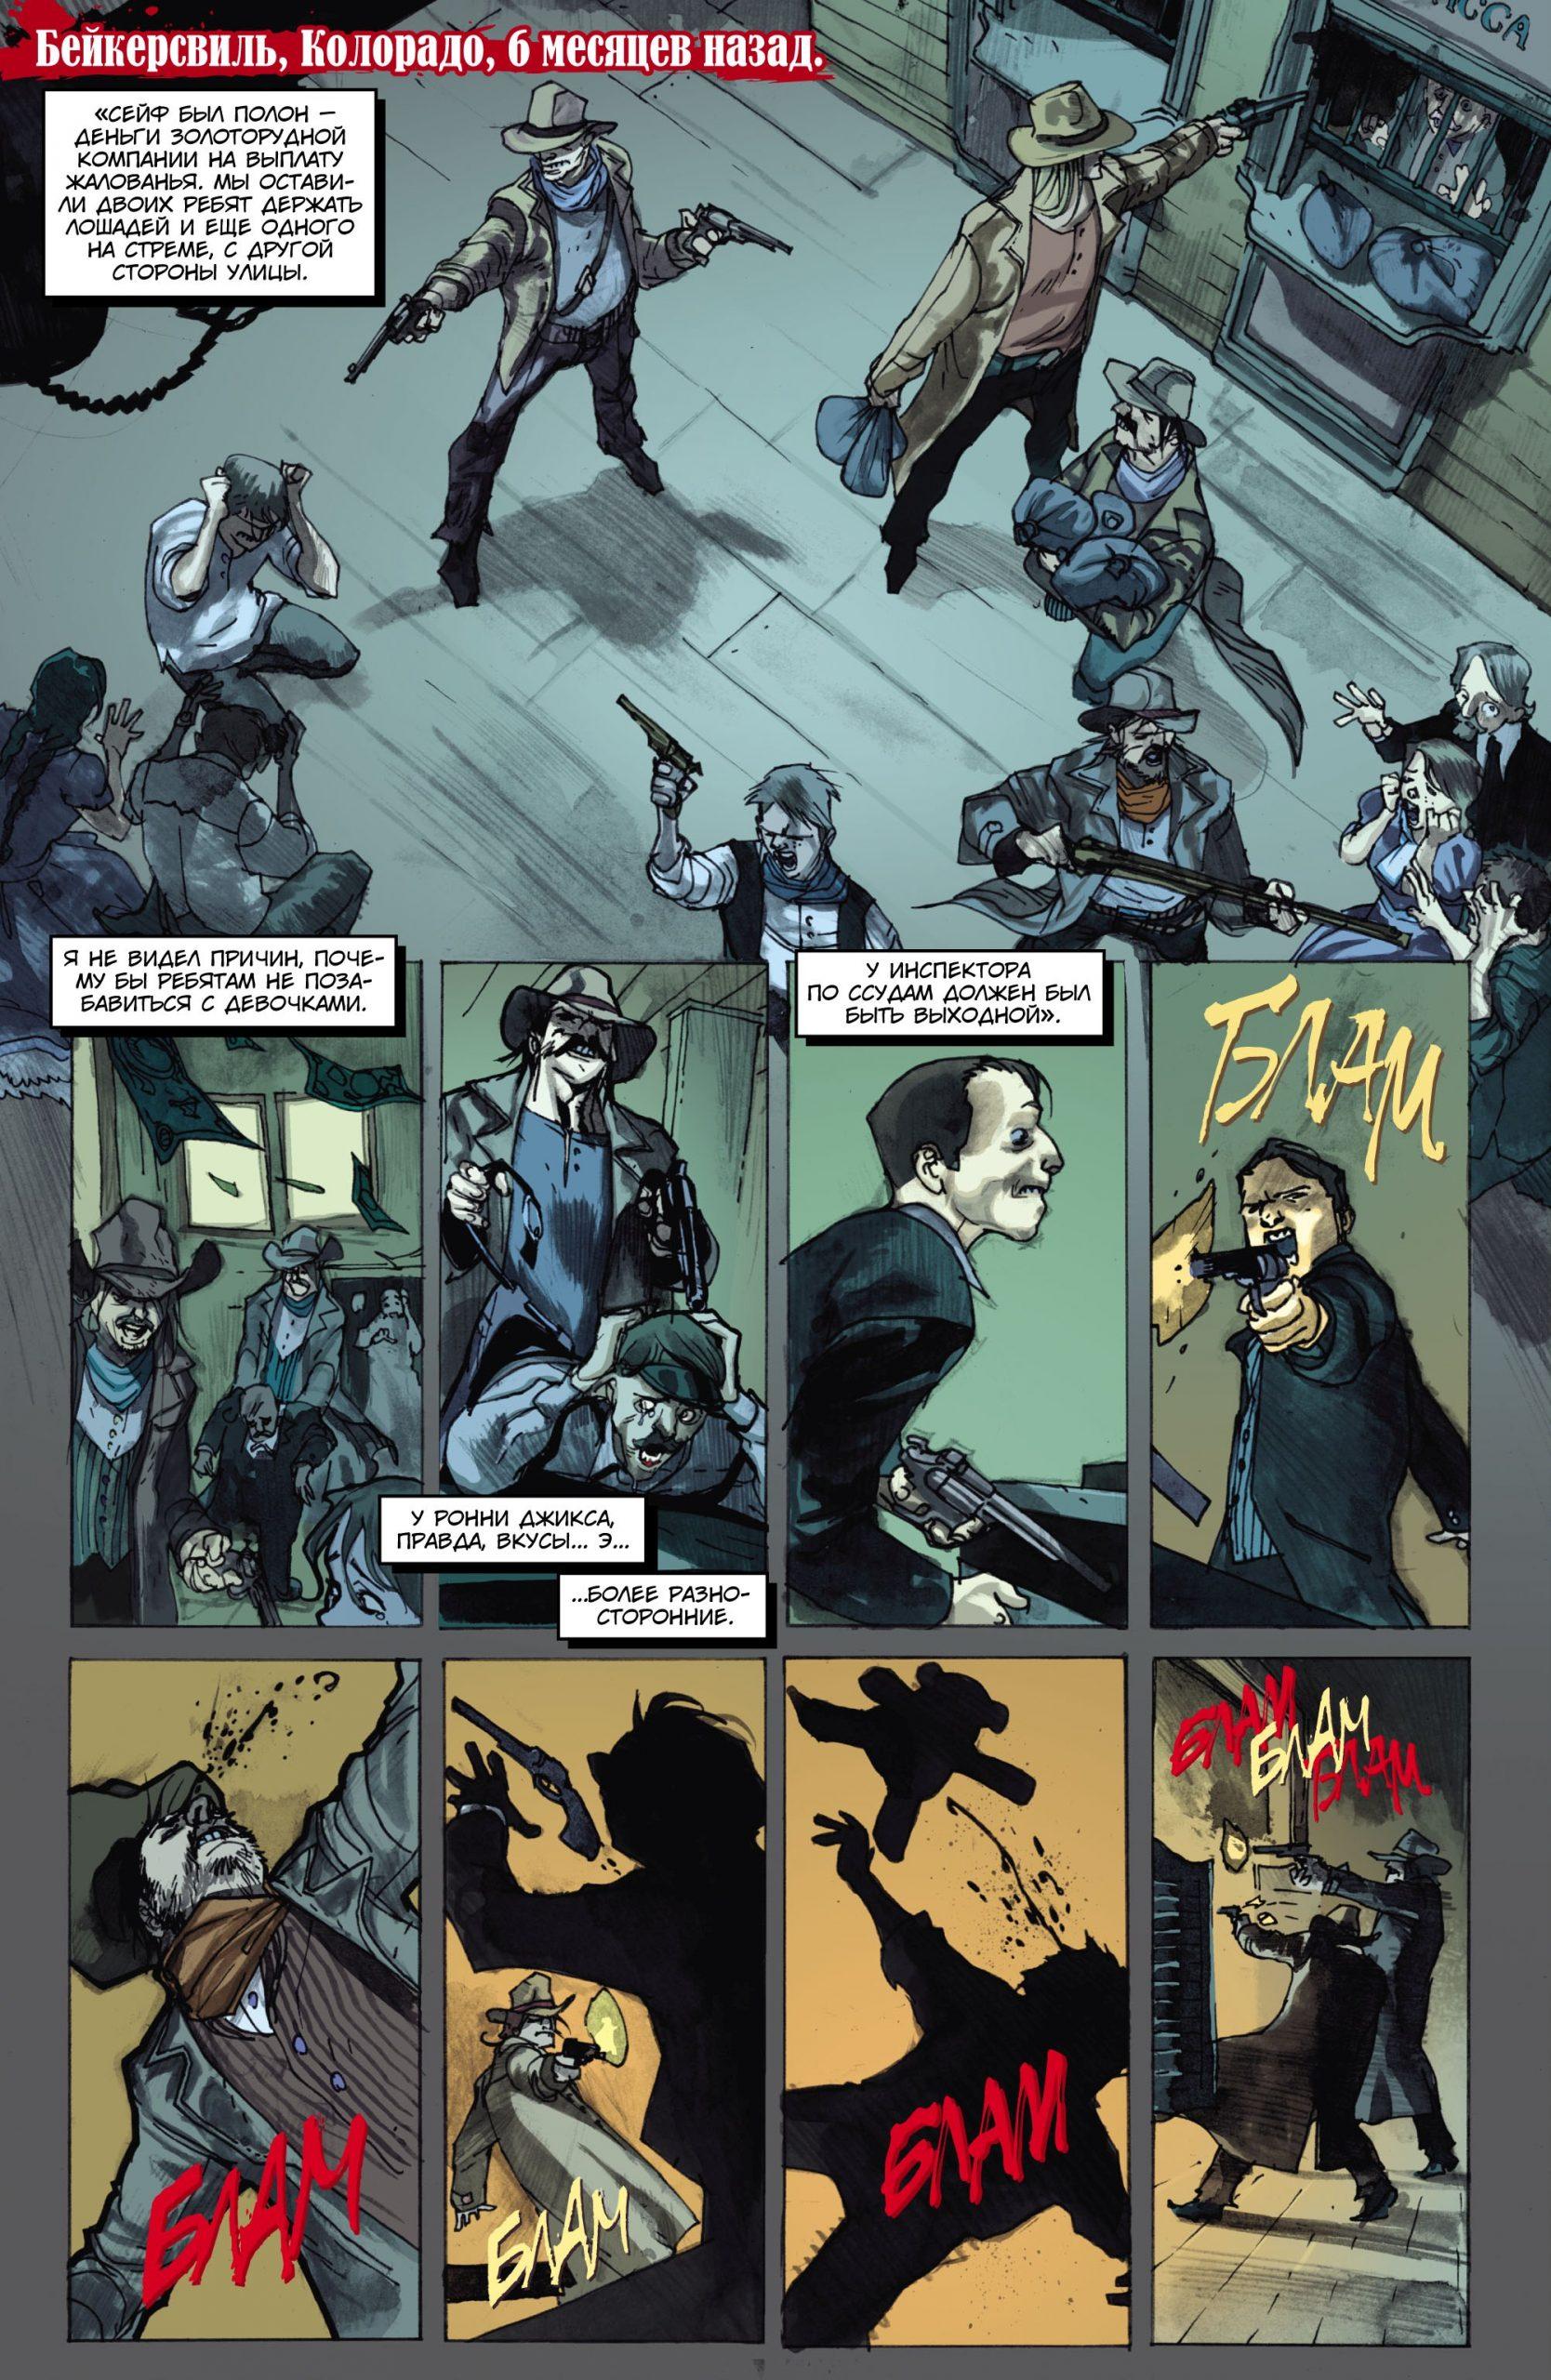 Читаем комикс «Американский вампир: Дурная кровь» 5